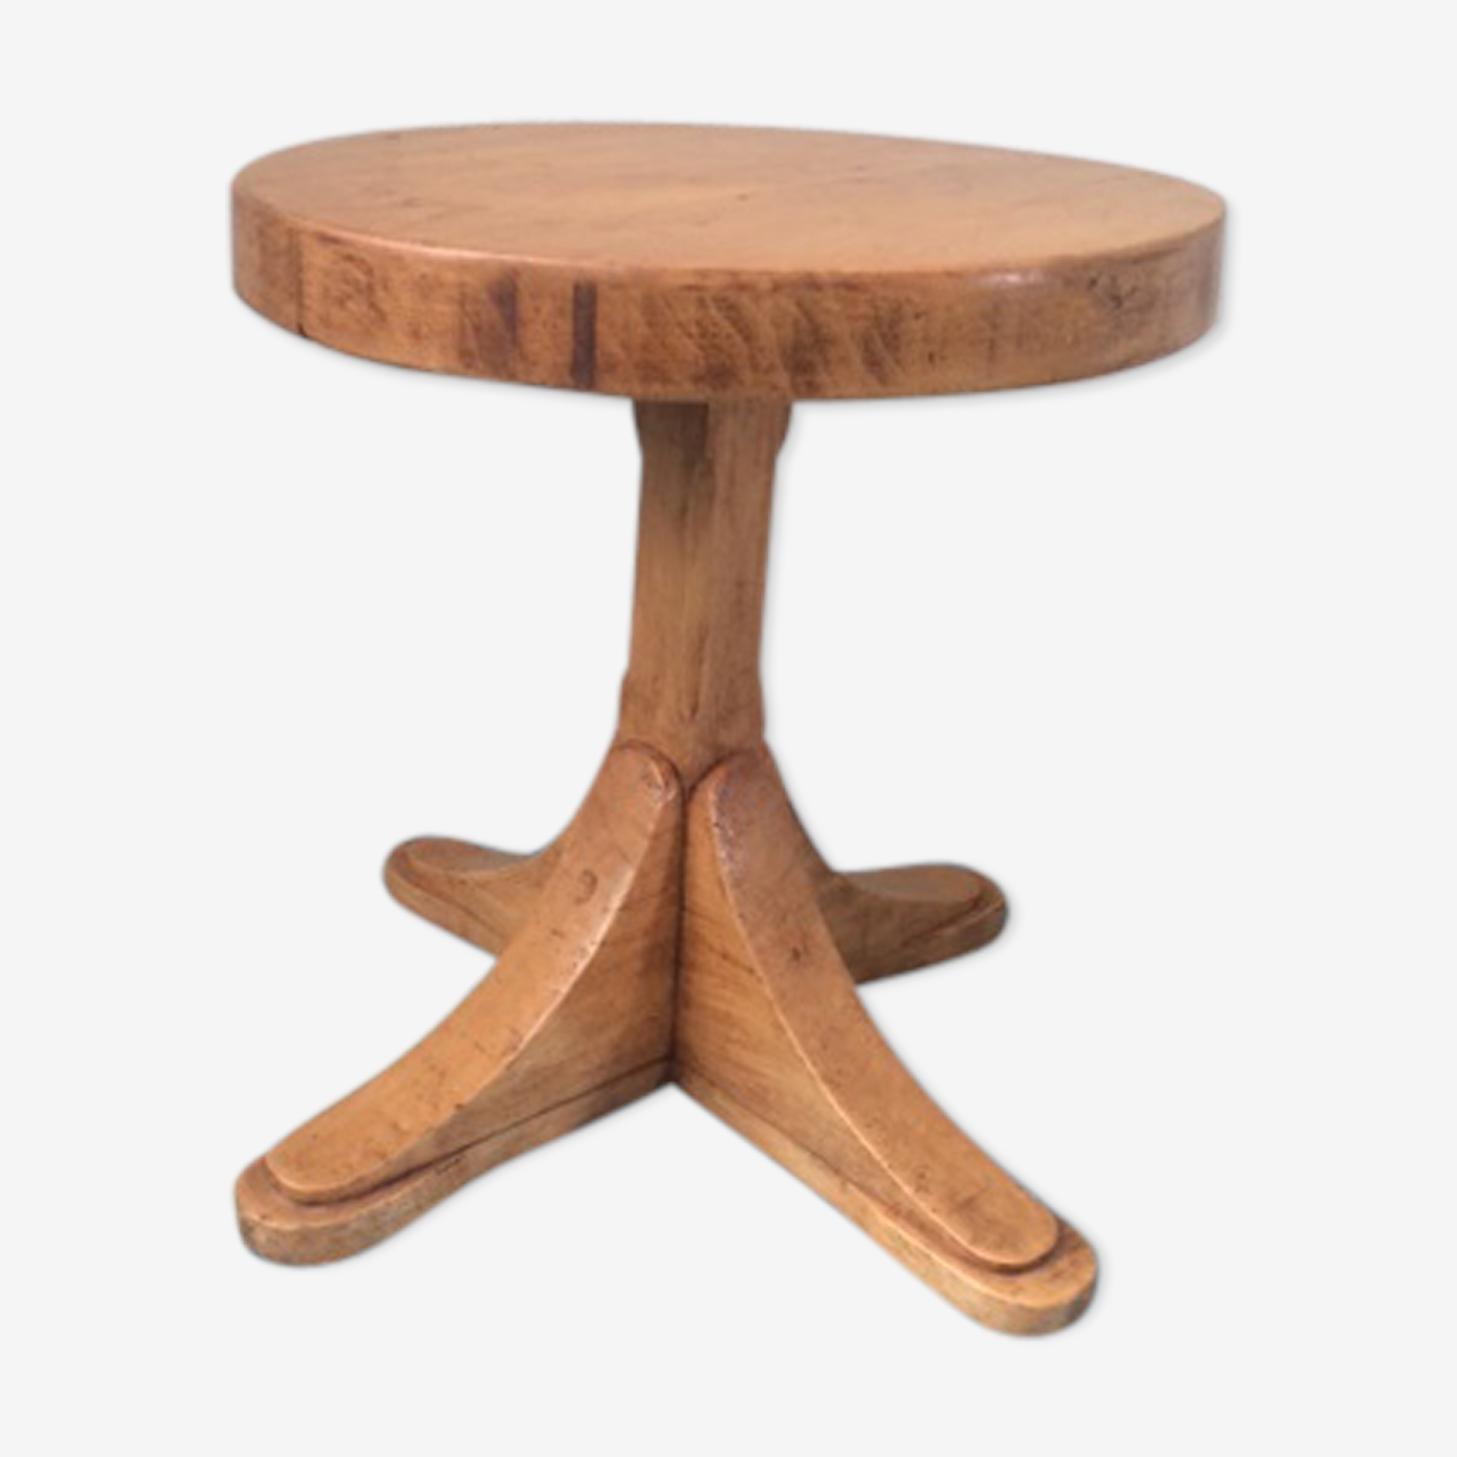 Guéridon design en bois vernis clair vintage des années 60